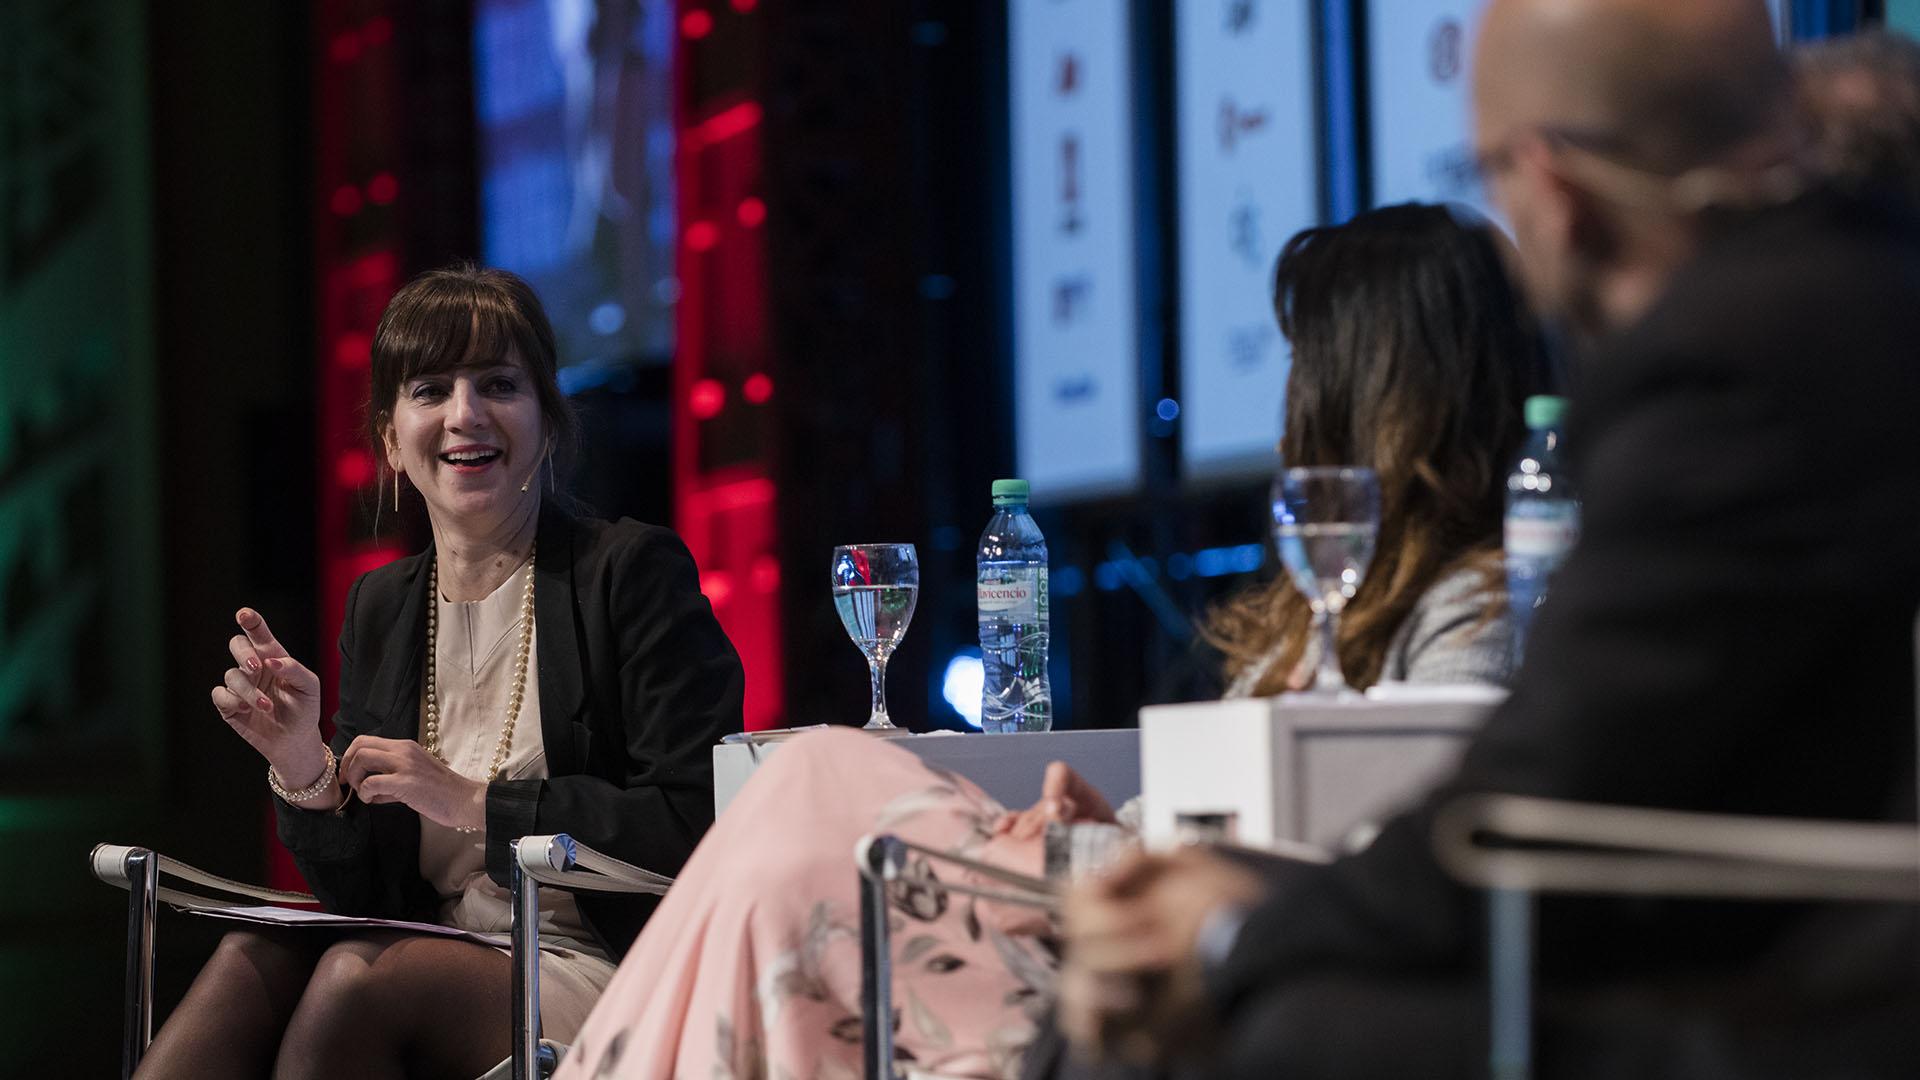 Mercedes D'Alessandro, Doctora en Economía, la moderadora del panel